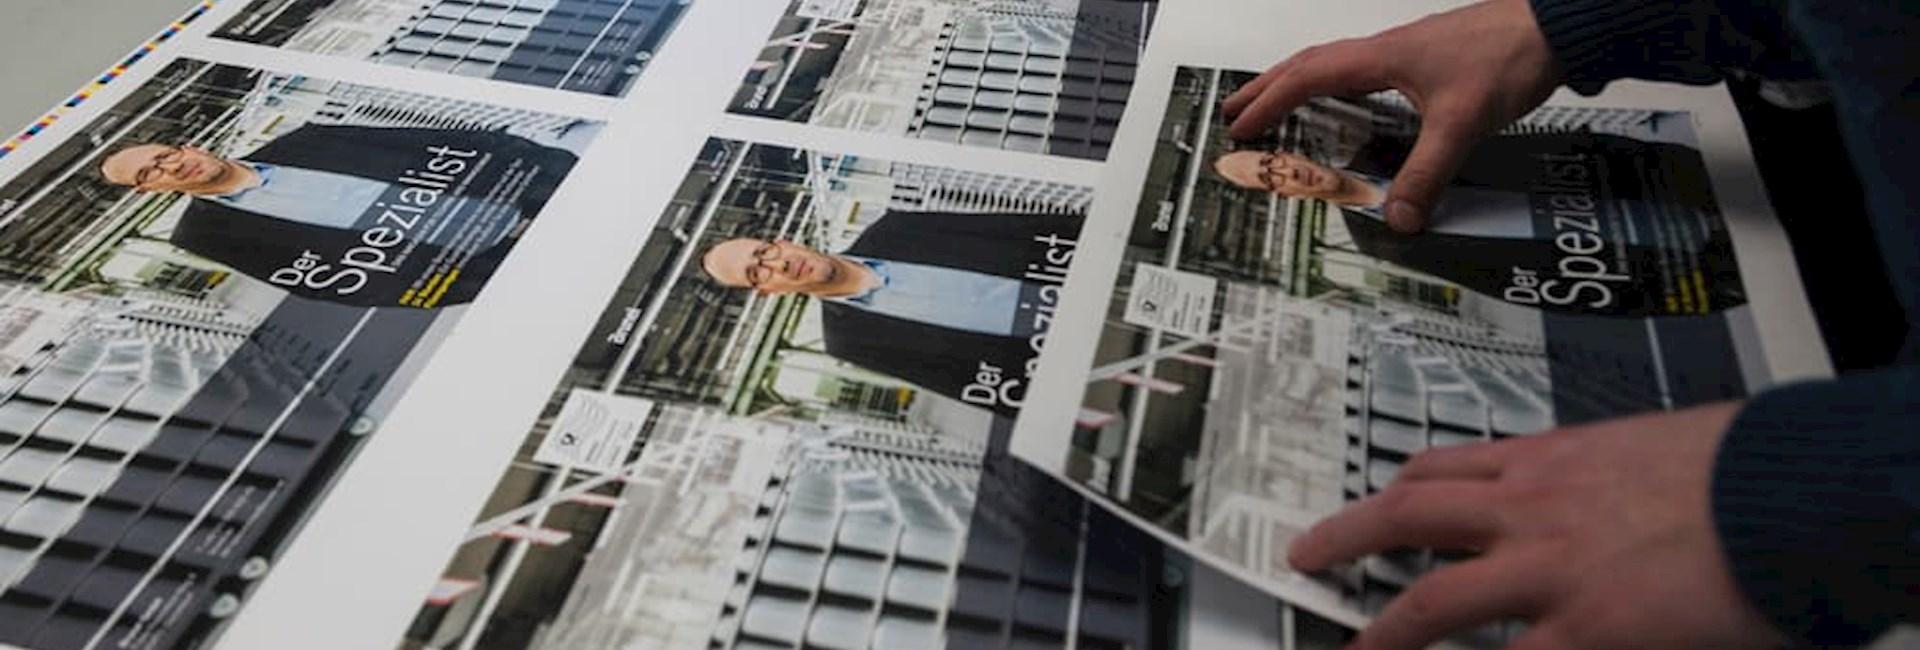 """Der Druck unseres Unternehmensmagazins """"Der Spezialist"""" wird von drei Mitarbeitern abgenommen."""